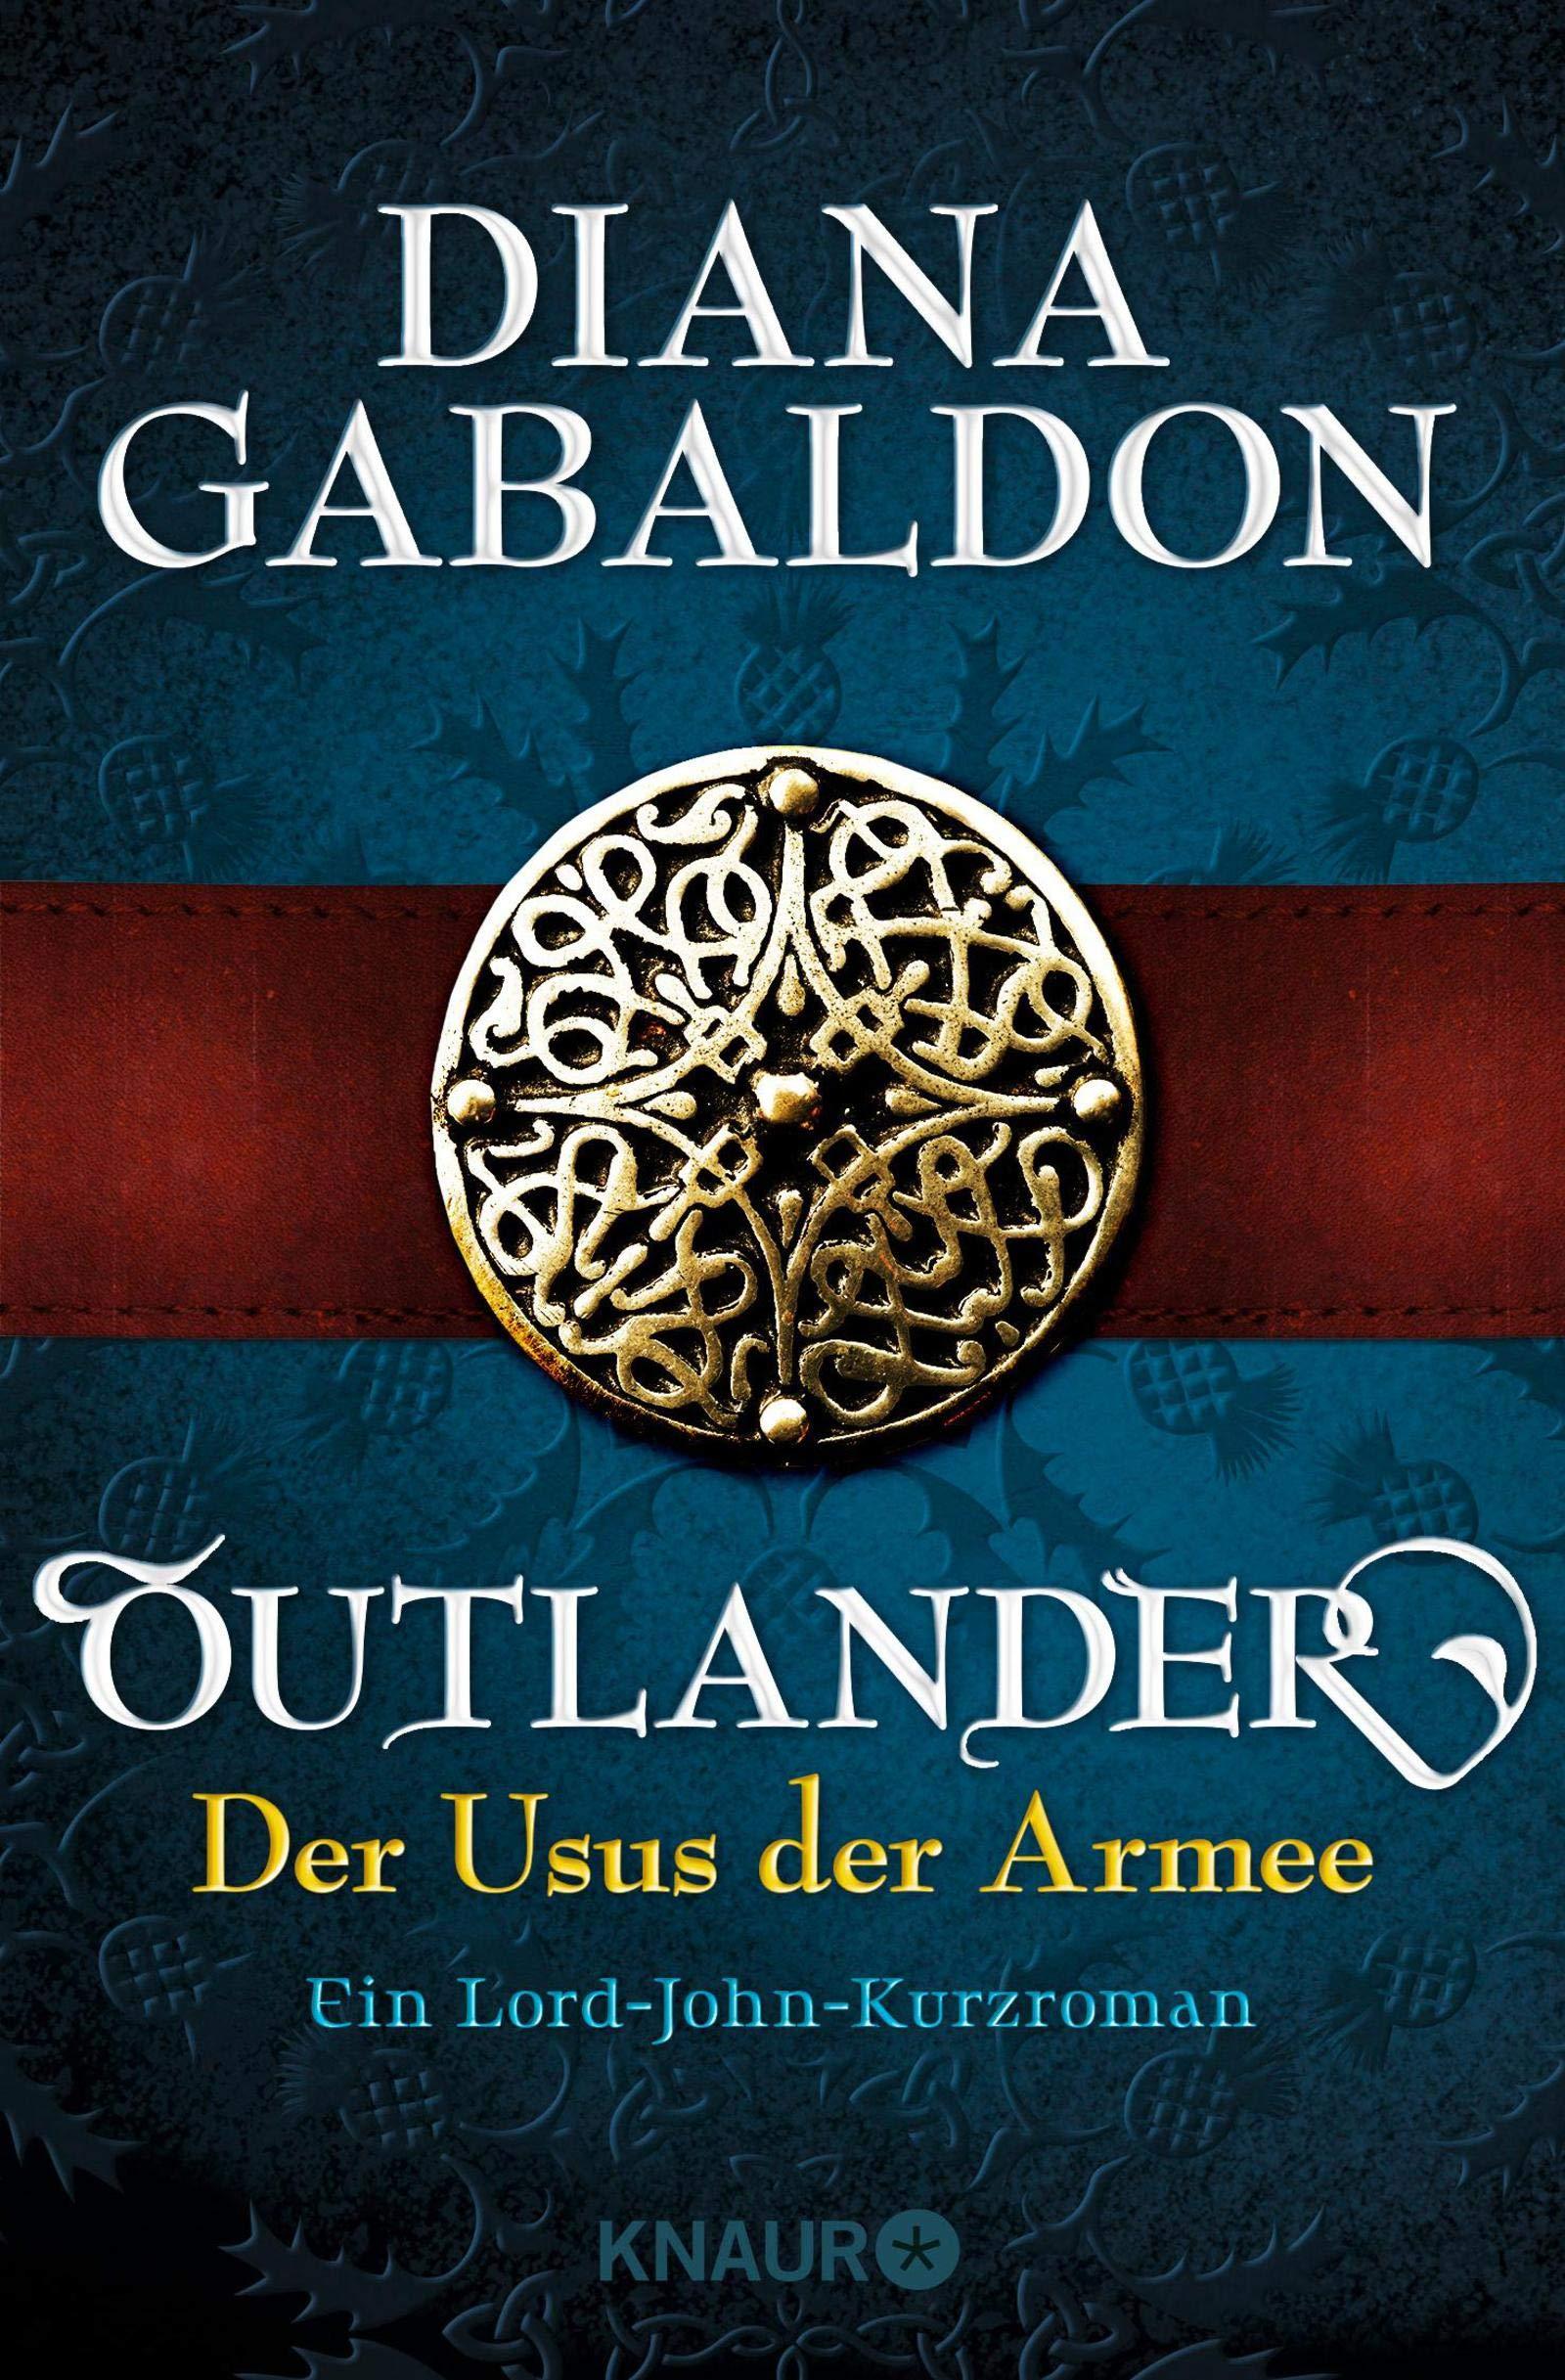 Outlander - Der Usus der Armee: Ein Lord-John-Kurzroman